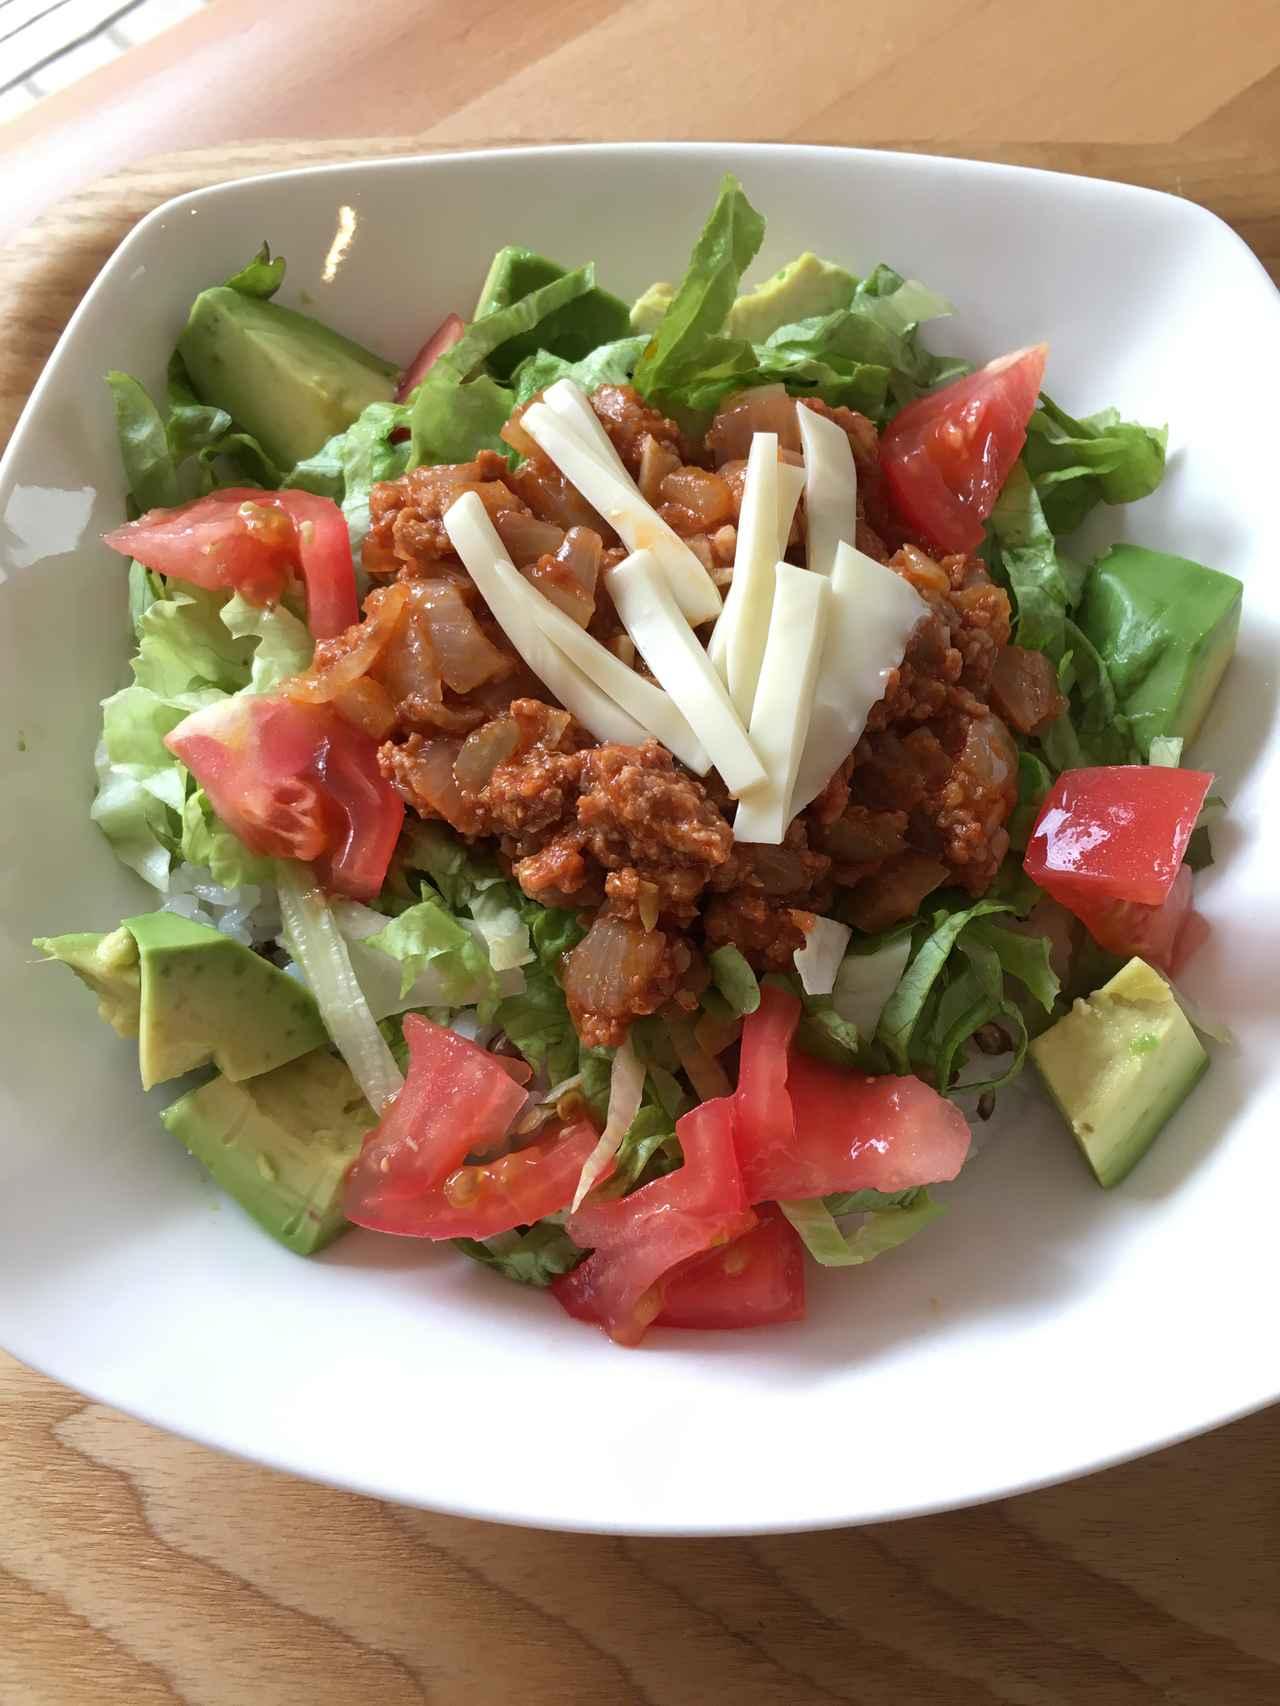 画像: Aセットの合いびき肉、トマト、レタス、玉ねぎを使って調理したタコライス